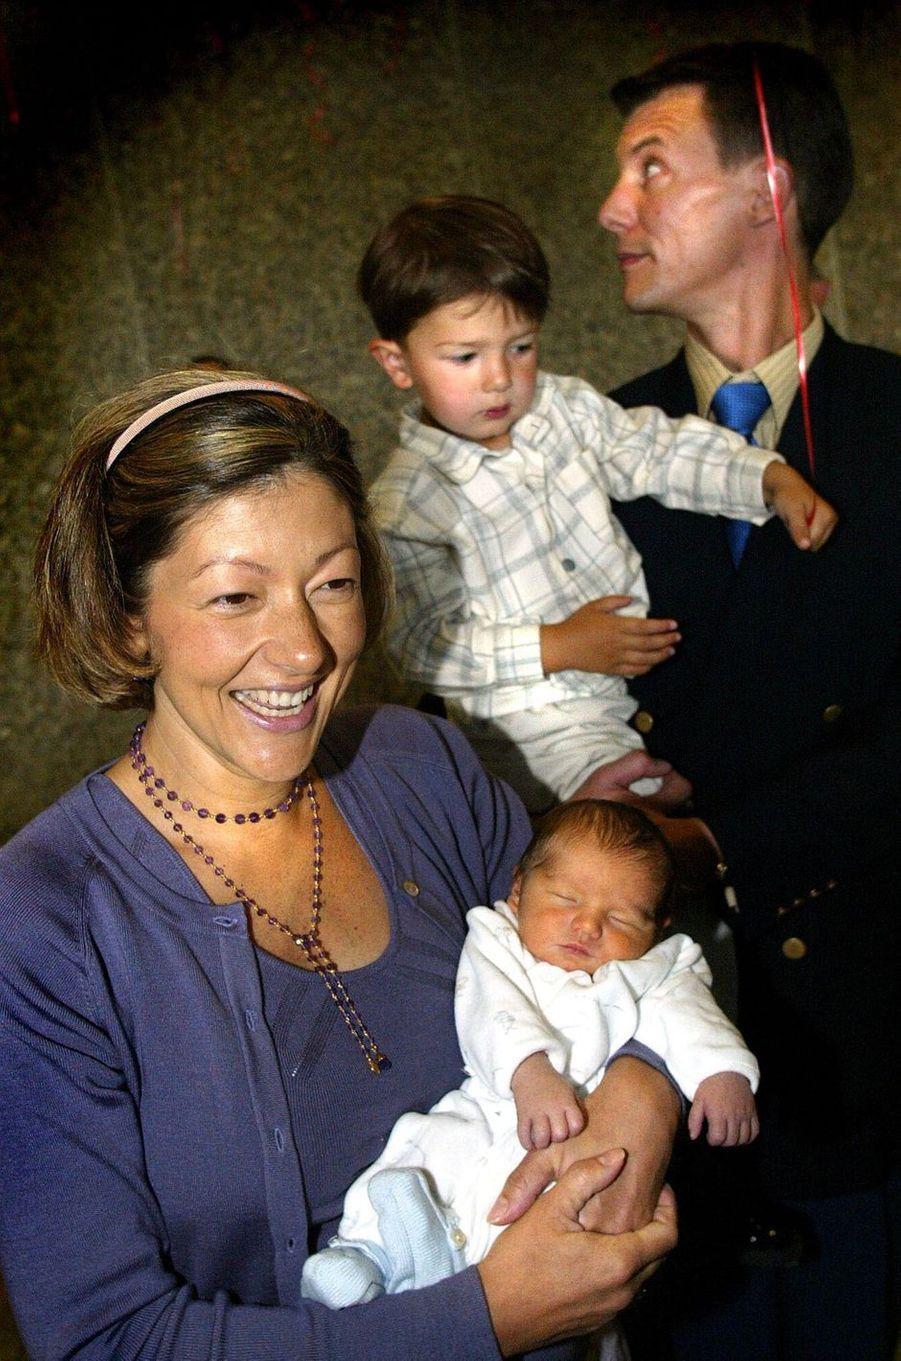 Le prince Nikolai de Danemark avec ses parents et son frère Felix, le 26 juillet 2002